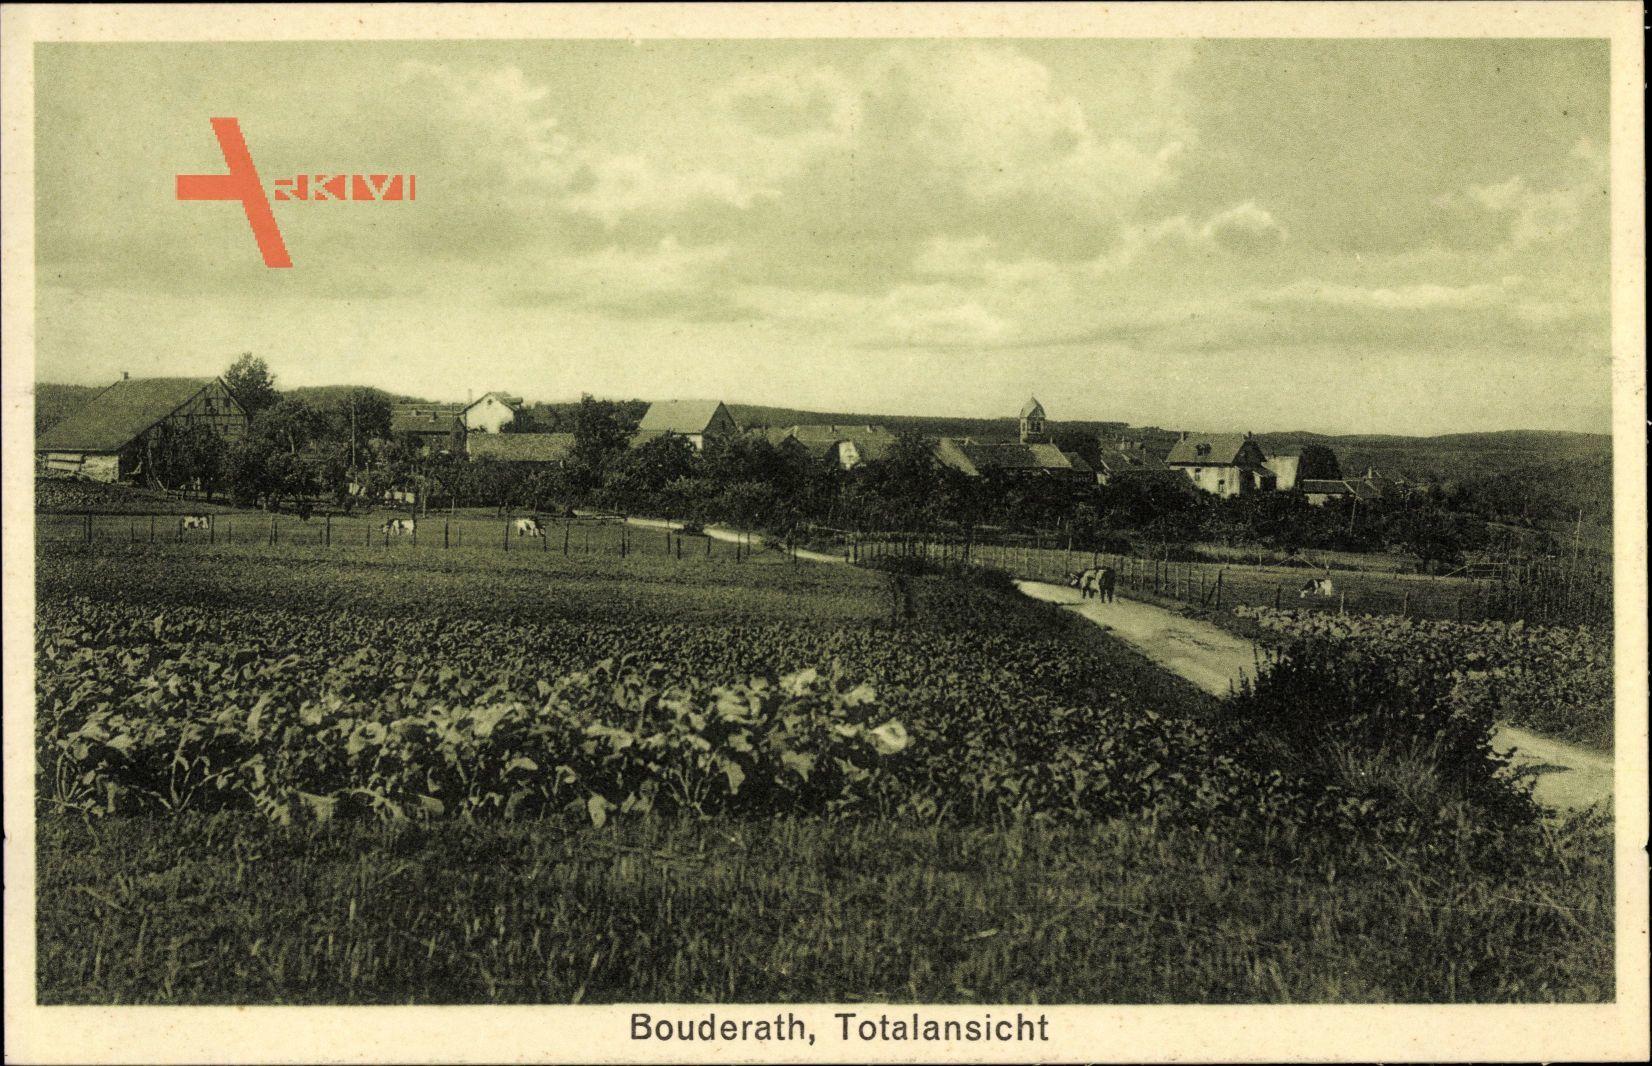 Bouderath Nettersheim, Totalansicht der Ortschaft, Felder, Straße